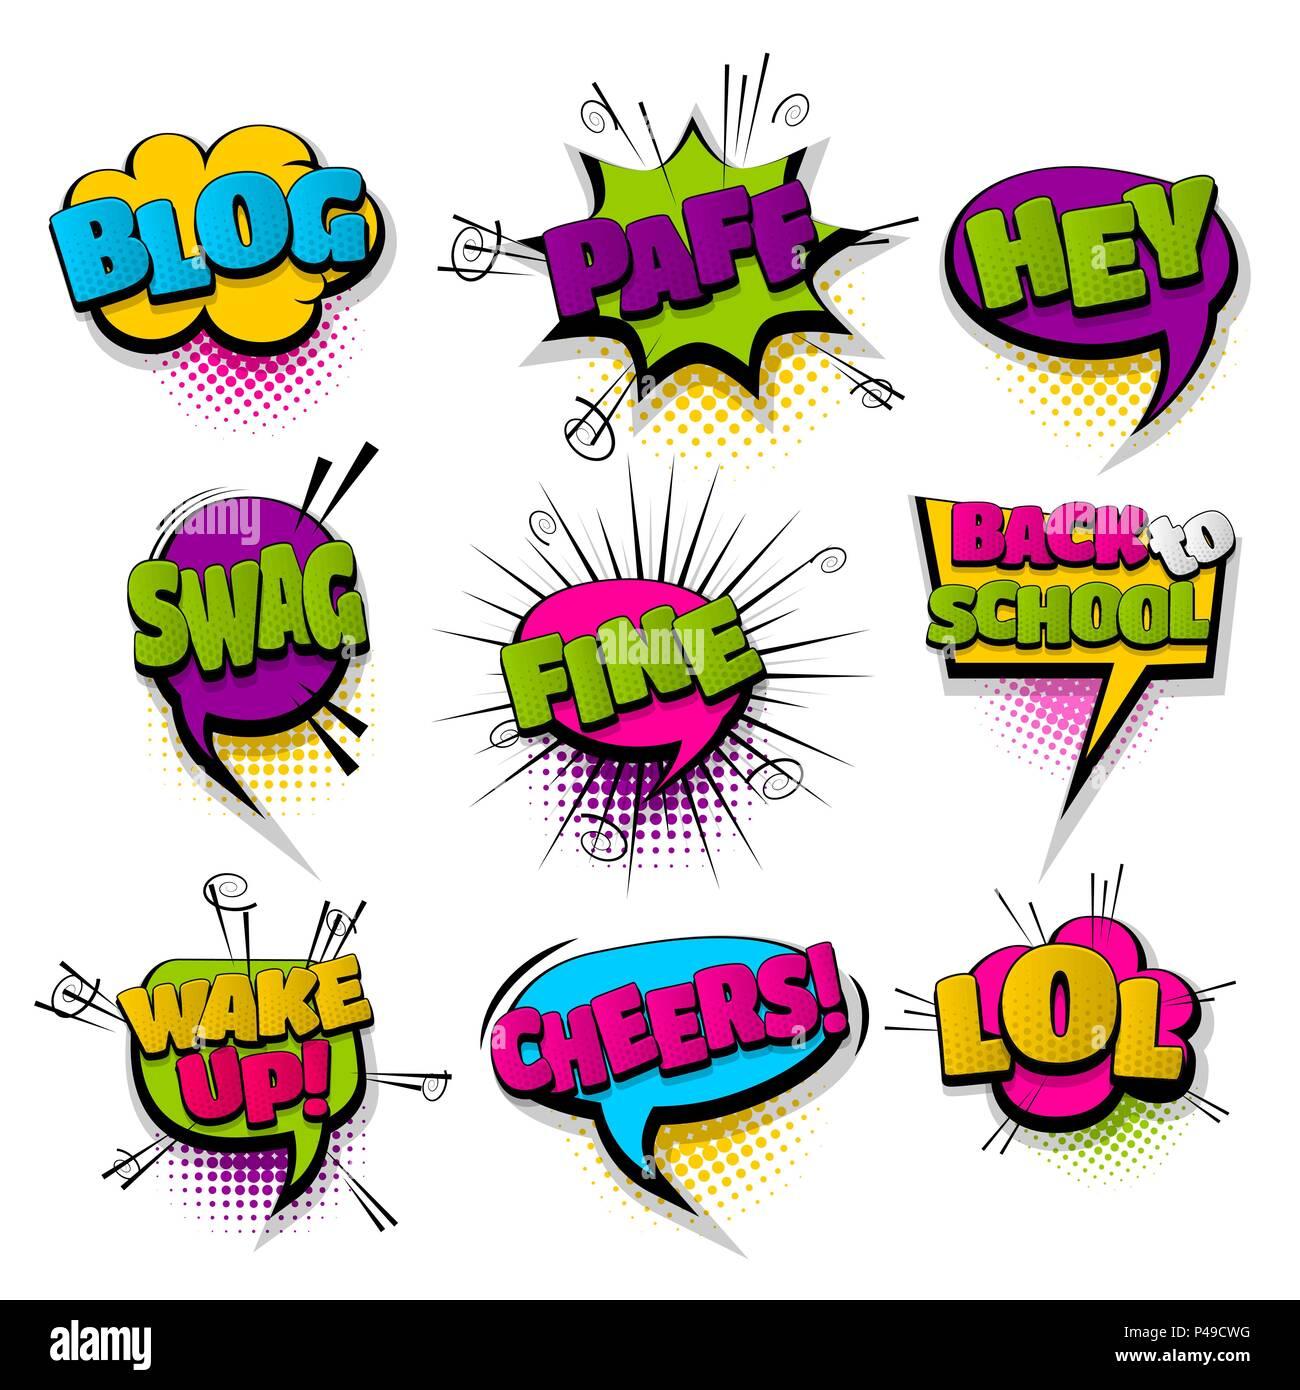 Hey Blog lol feine Reihe Hand gezeichnete Bilder Effekte Vorlage ...